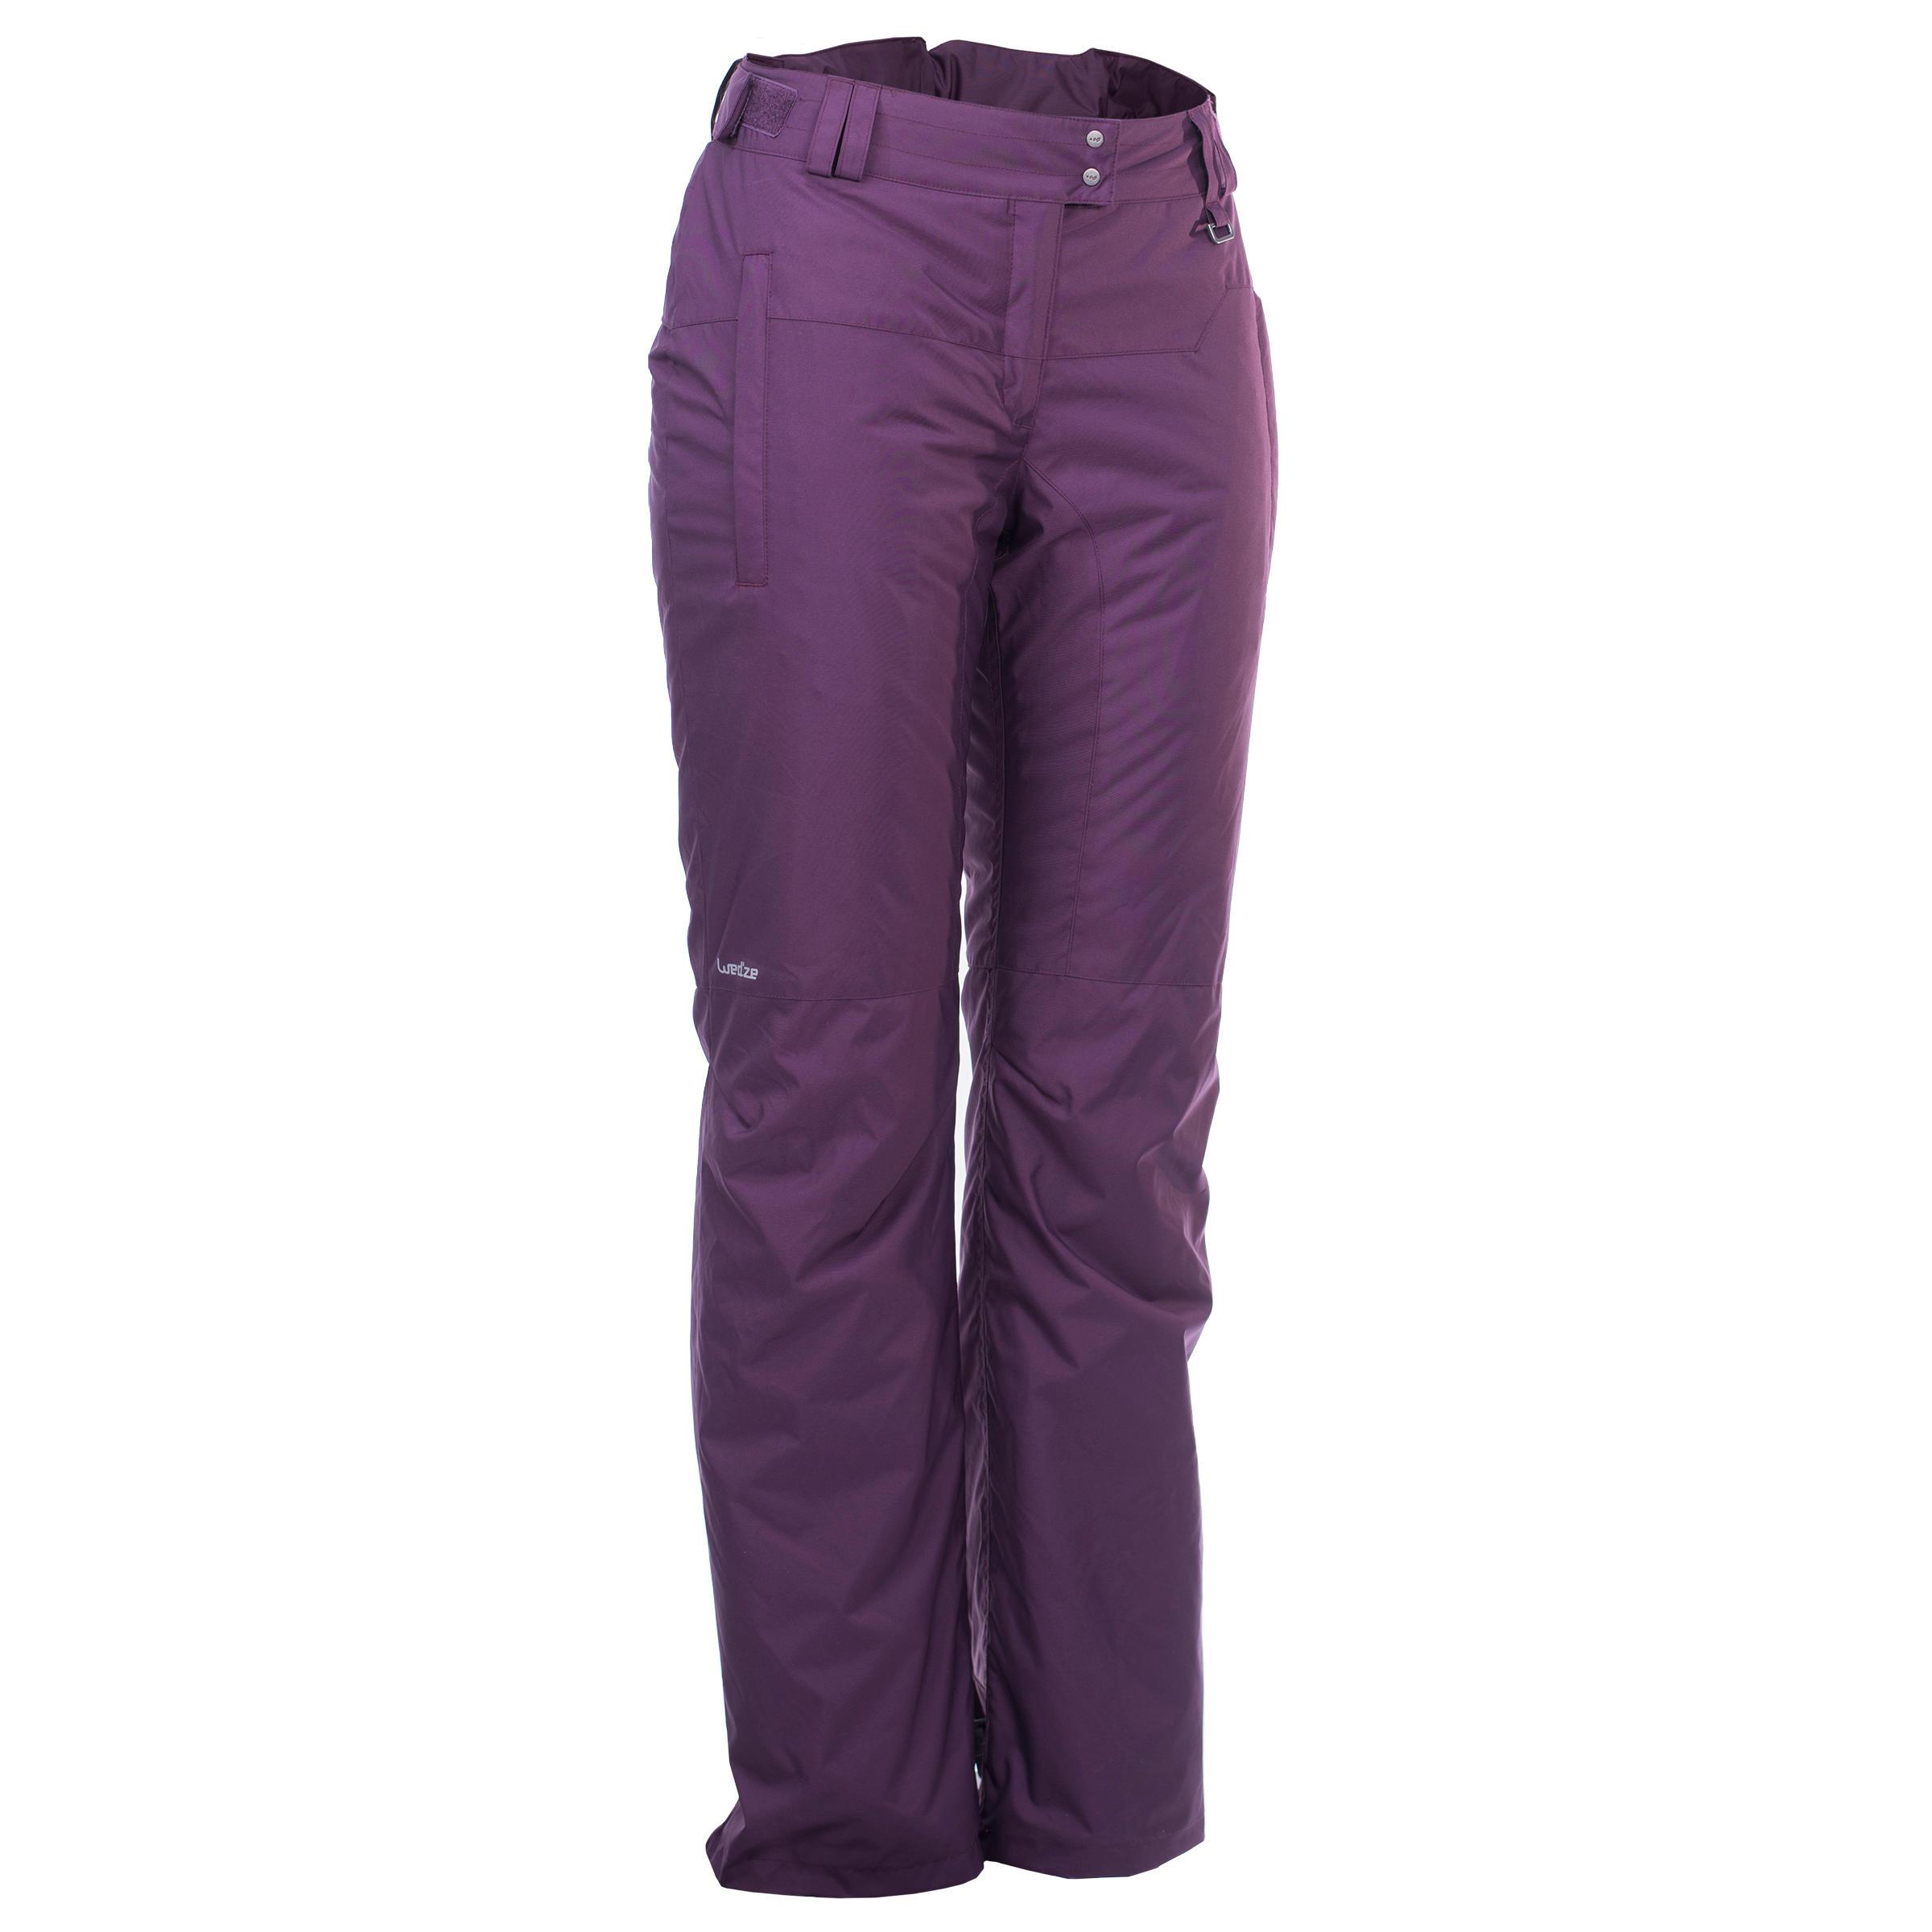 SNB PA 100 Women's Ski and Snowboard Pants - Purple